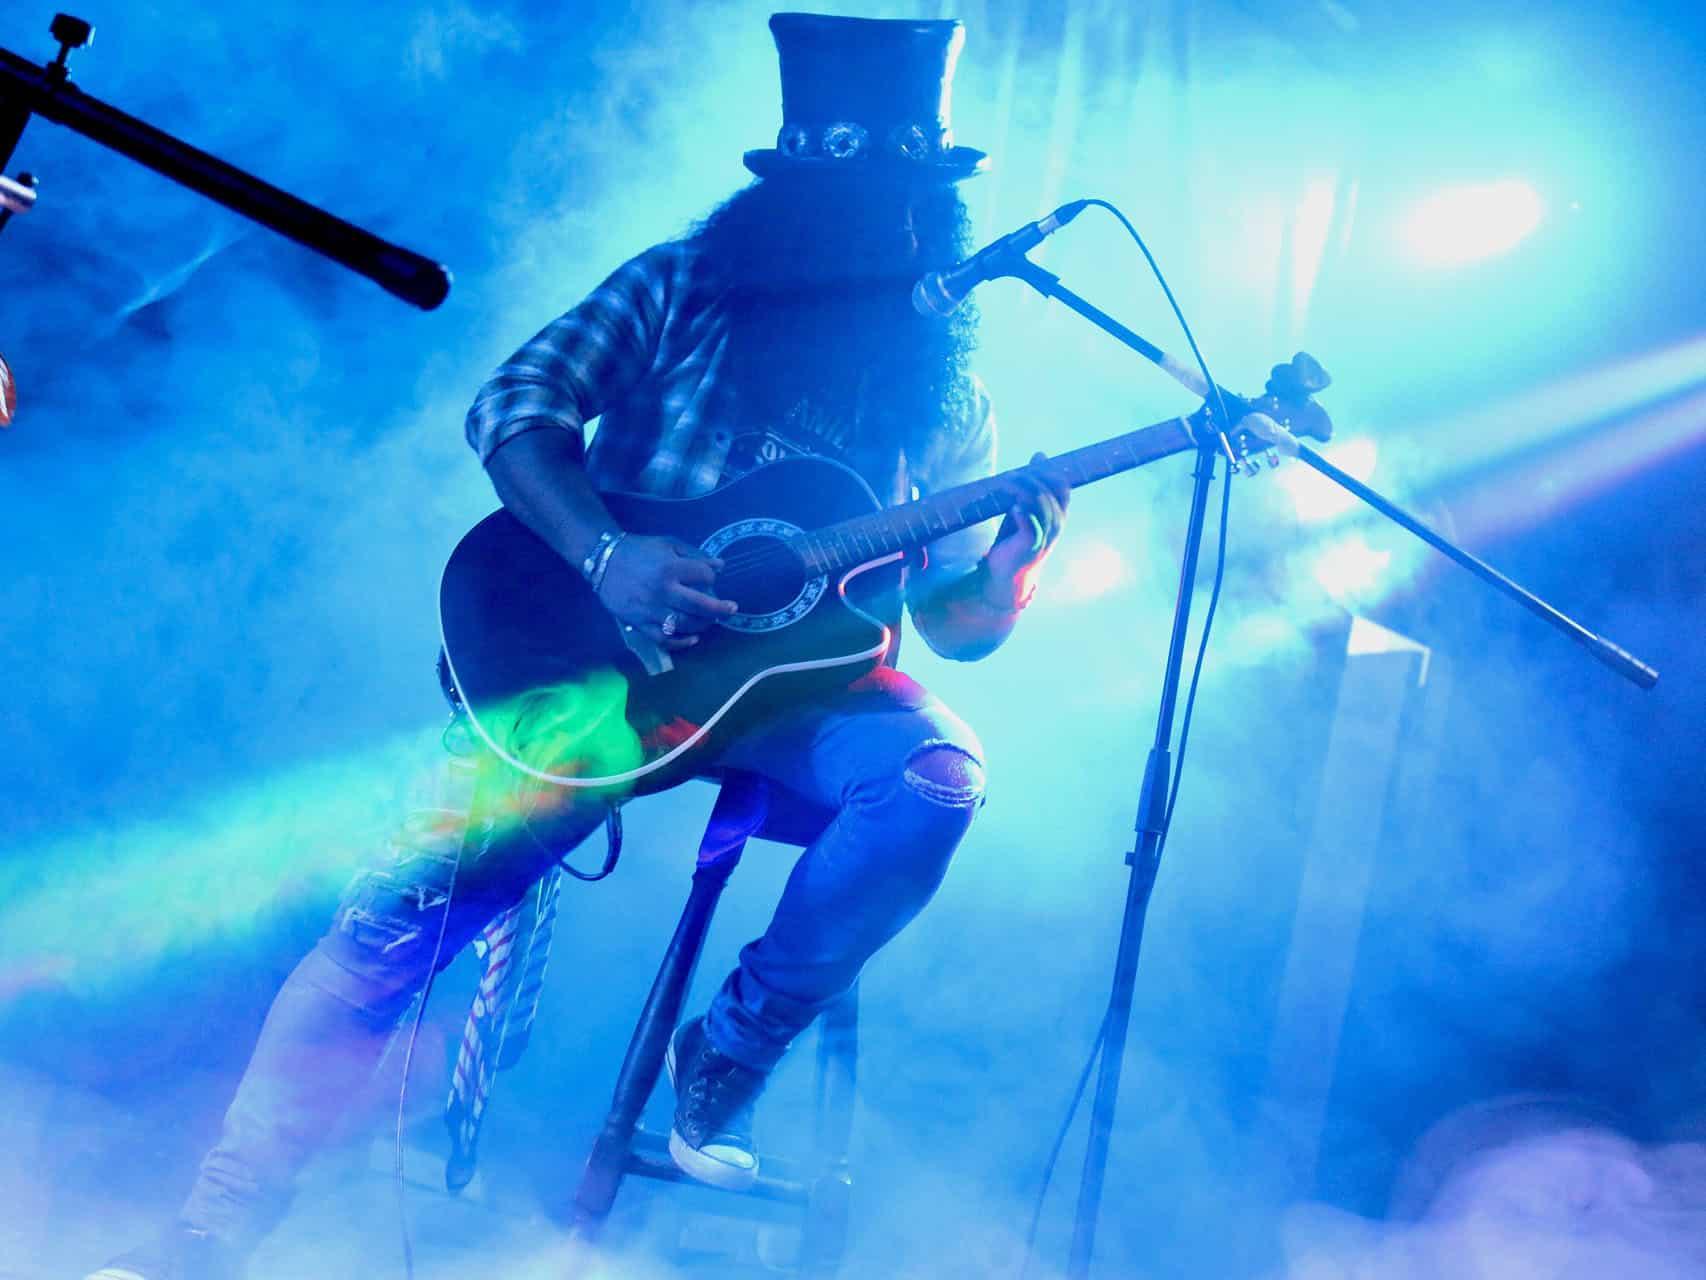 Sevilla se prepara para los conciertos de Guns N' Roses y Extremoduro